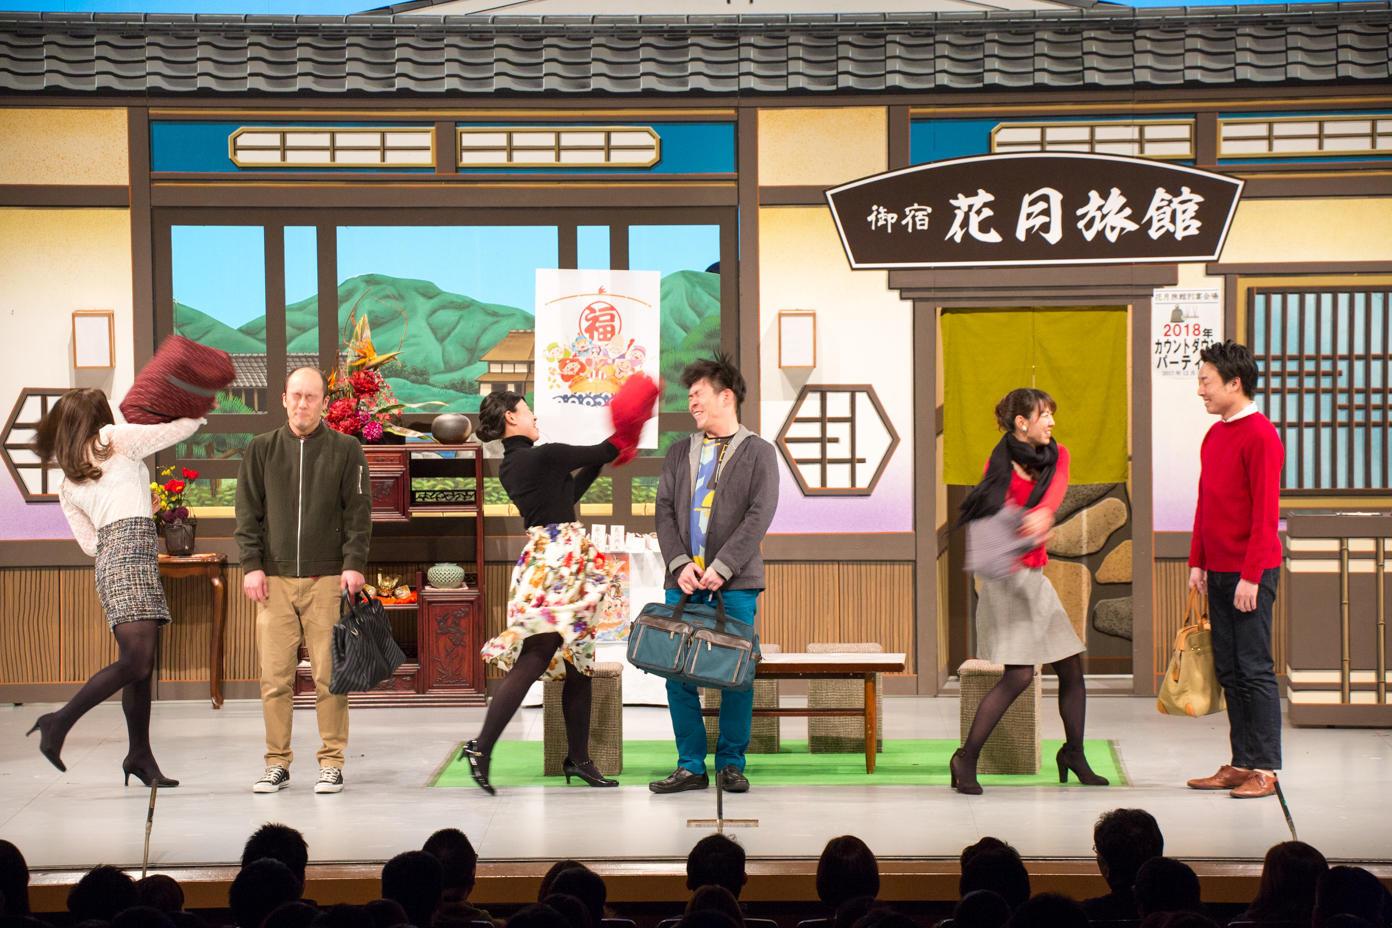 http://news.yoshimoto.co.jp/20180101195845-d52ed28b3c1cb734a1a8fc364872fbaa736fae69.jpg